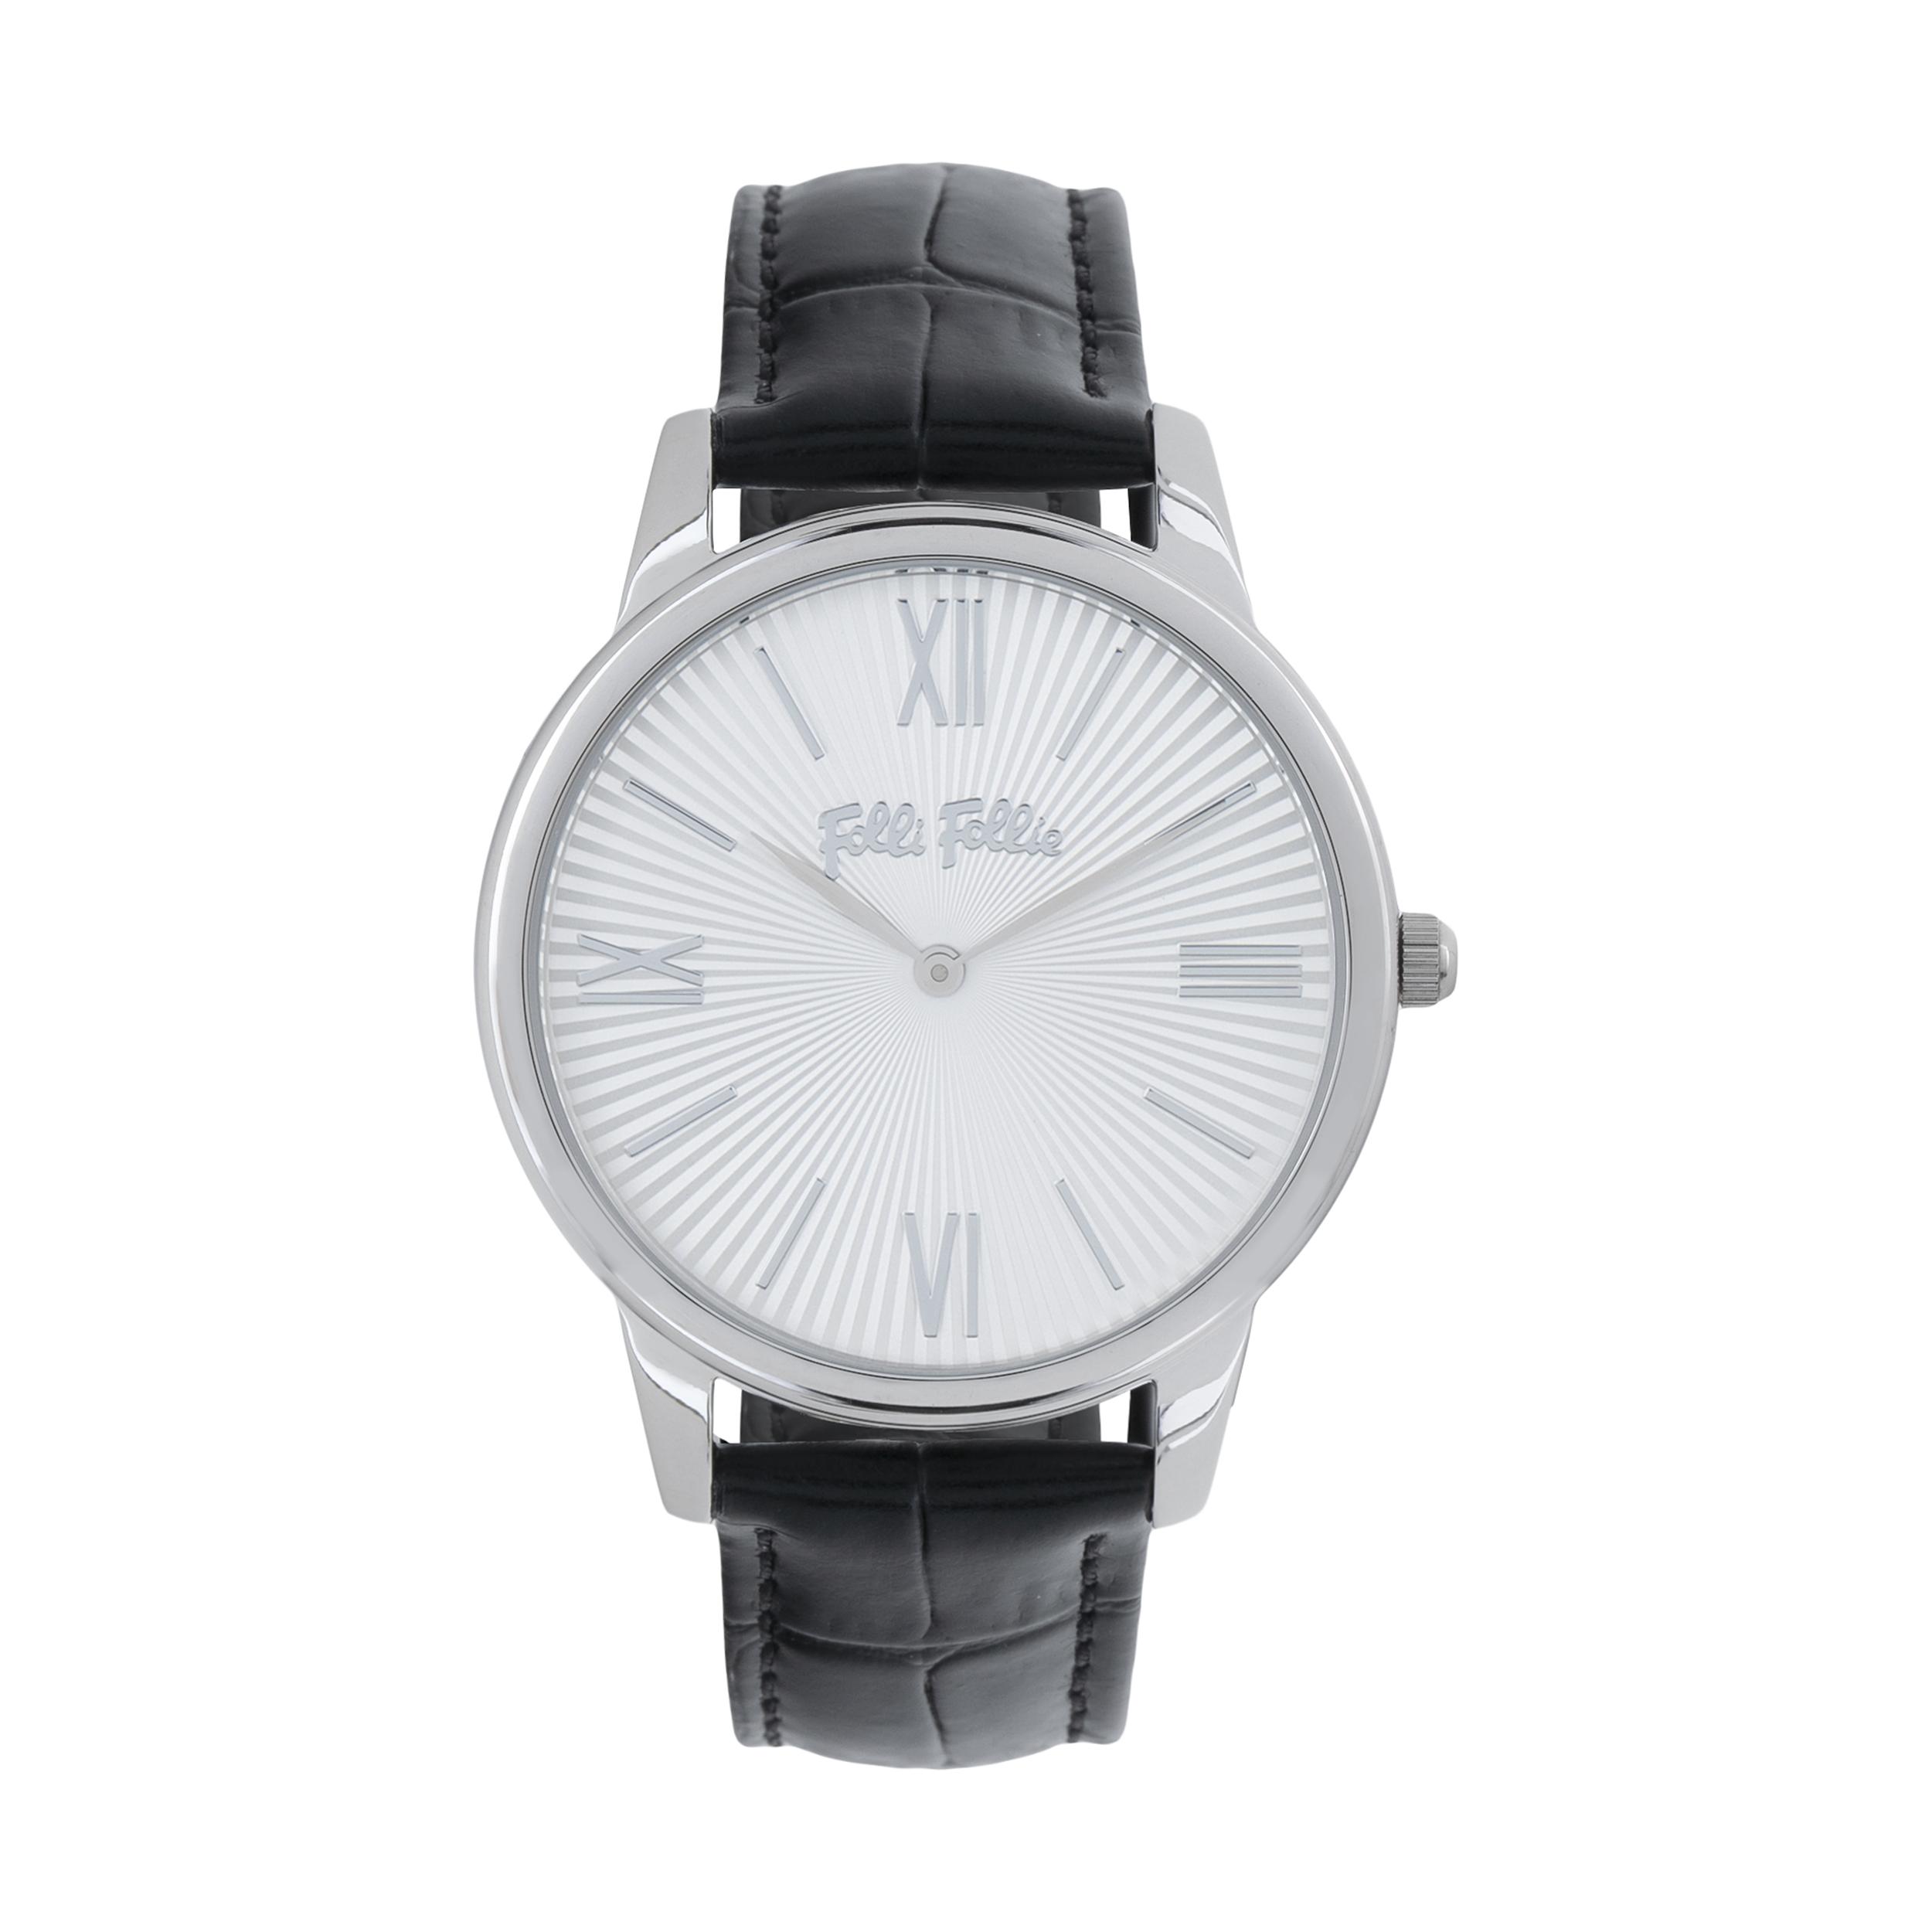 ساعت مچی عقربه ای زنانه فولی فولیه مدل WF15T033SPW-BK (بدون جعبه اورجینال)              خرید (⭐️⭐️⭐️)